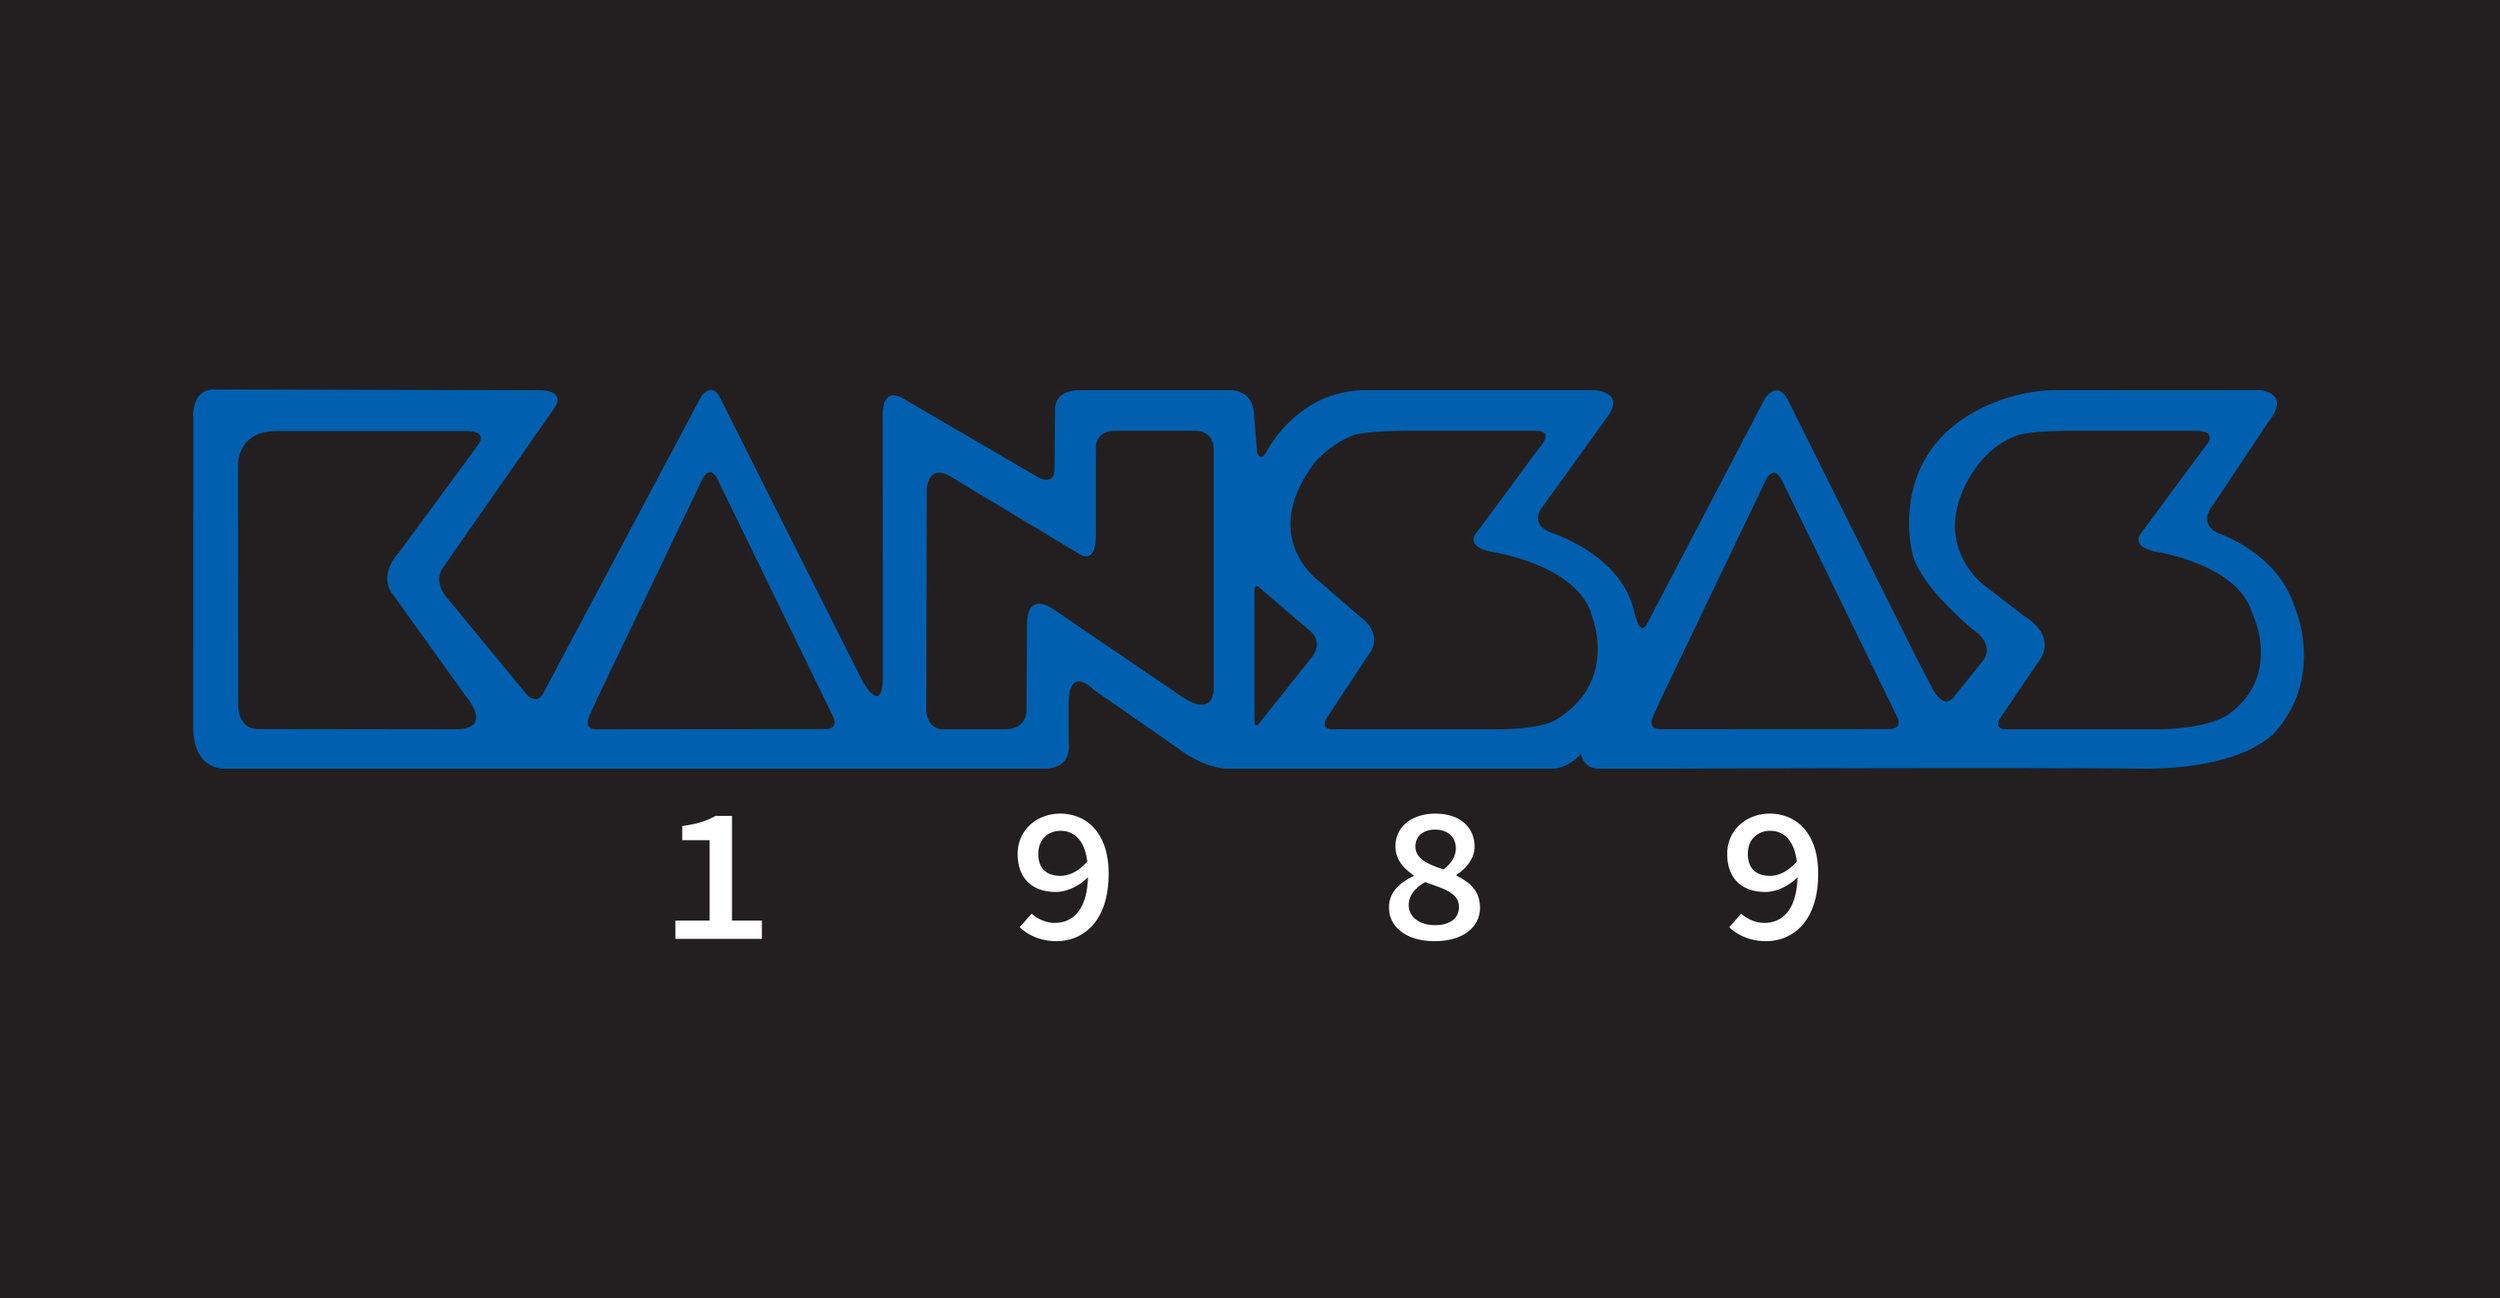 Kansas_Final-BLK-crop.jpg